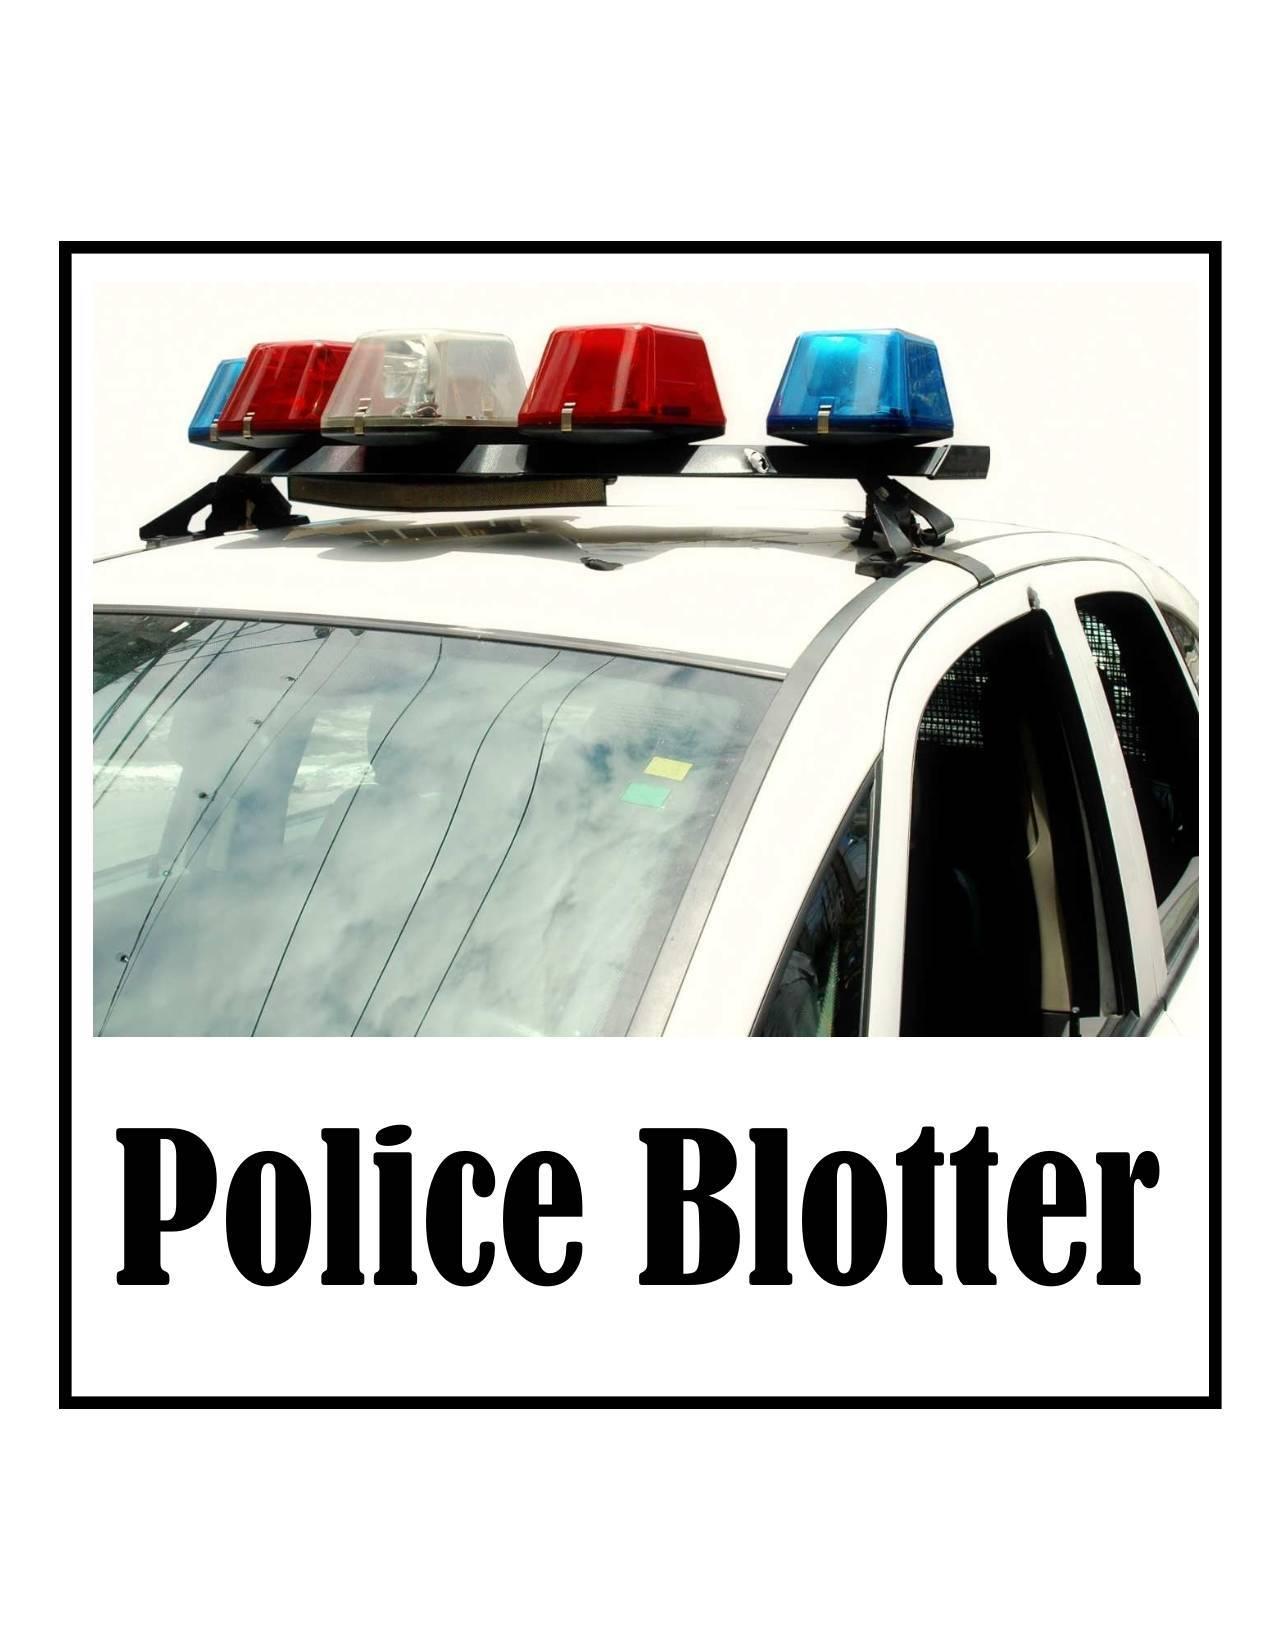 094fa22e231912bf5917_policeblotter.jpg